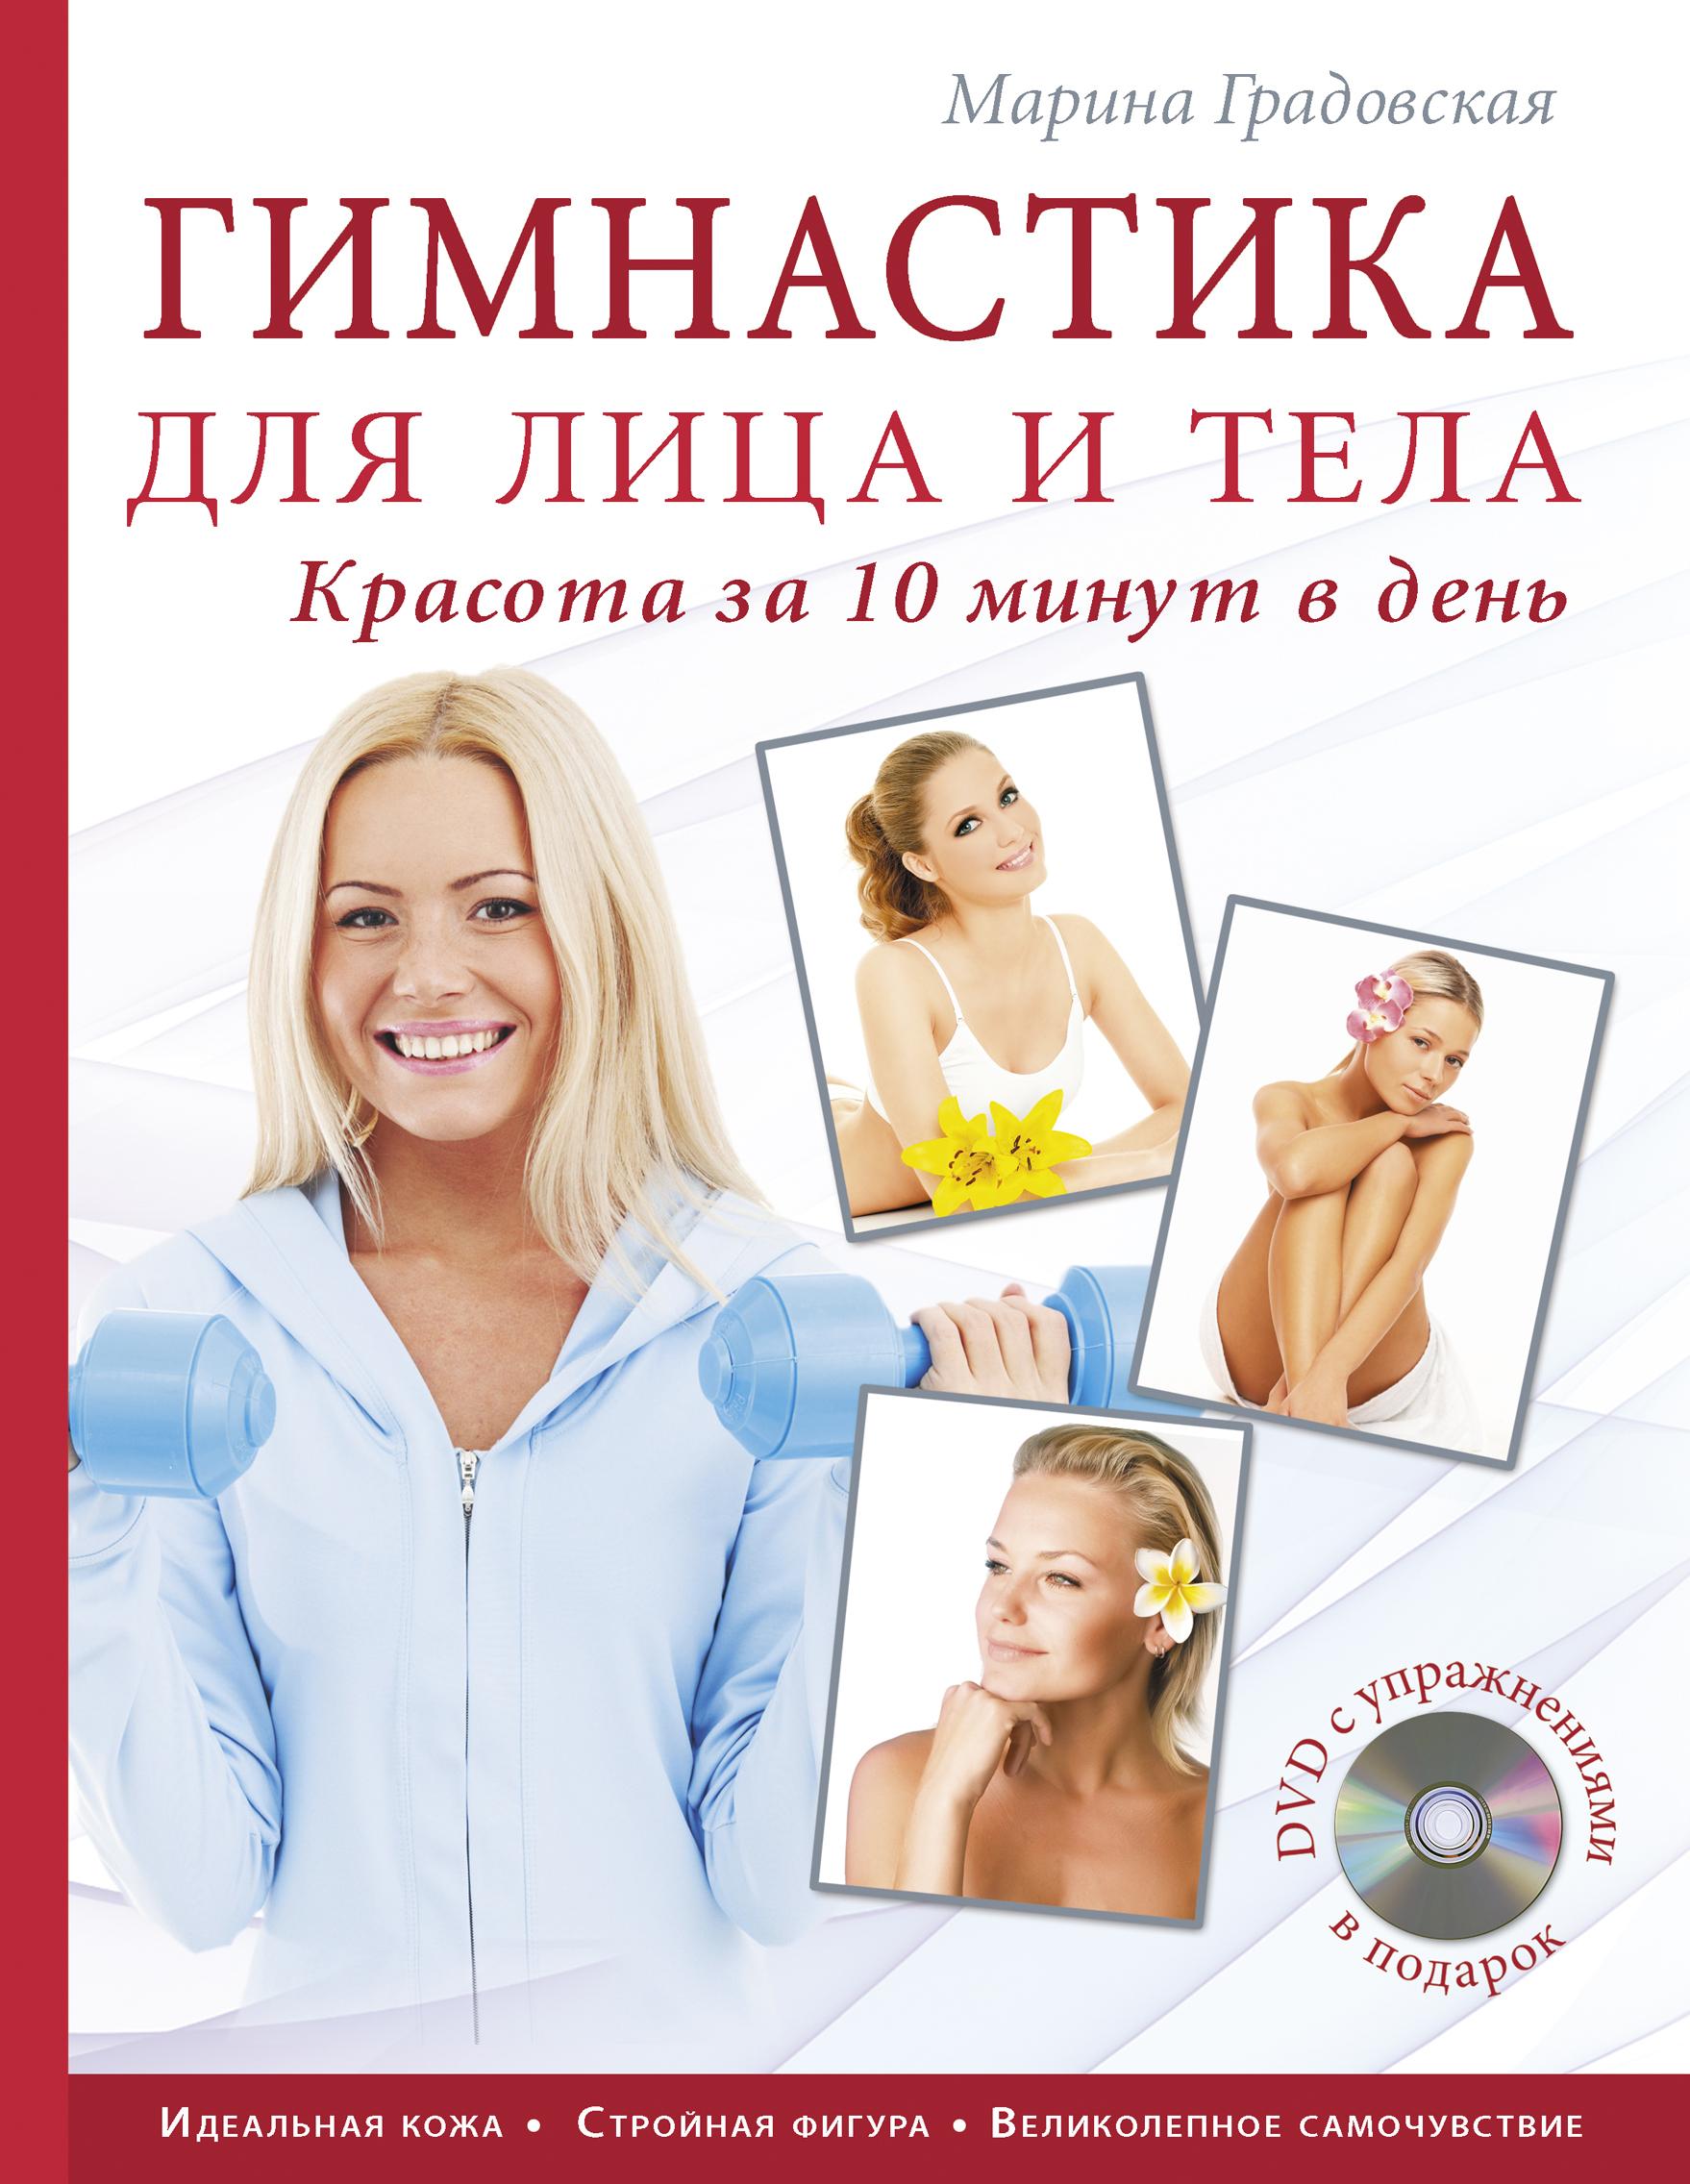 Гимнастика для лица и тела. Красота за 10 минут в день (книга+супер) +DVD (KRASOTA. Домашний салон) ( Градовская М.  )